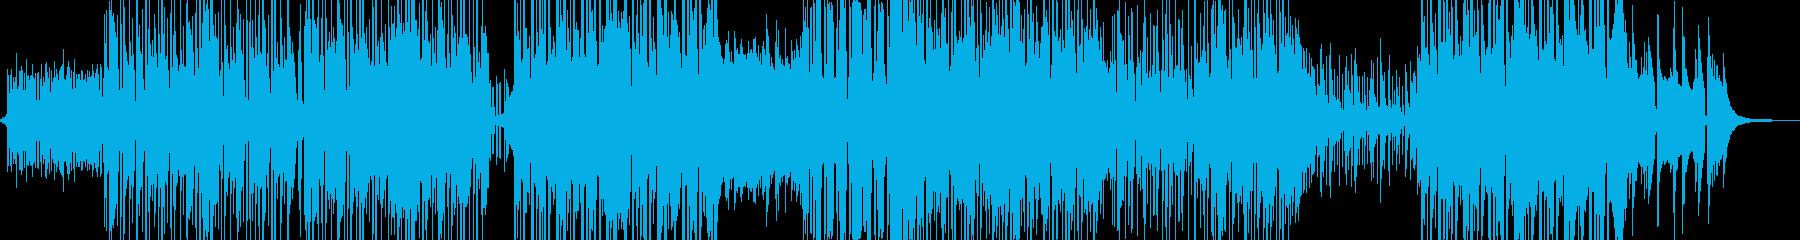 和装・渋い和楽器・ヒップホップ 短尺の再生済みの波形